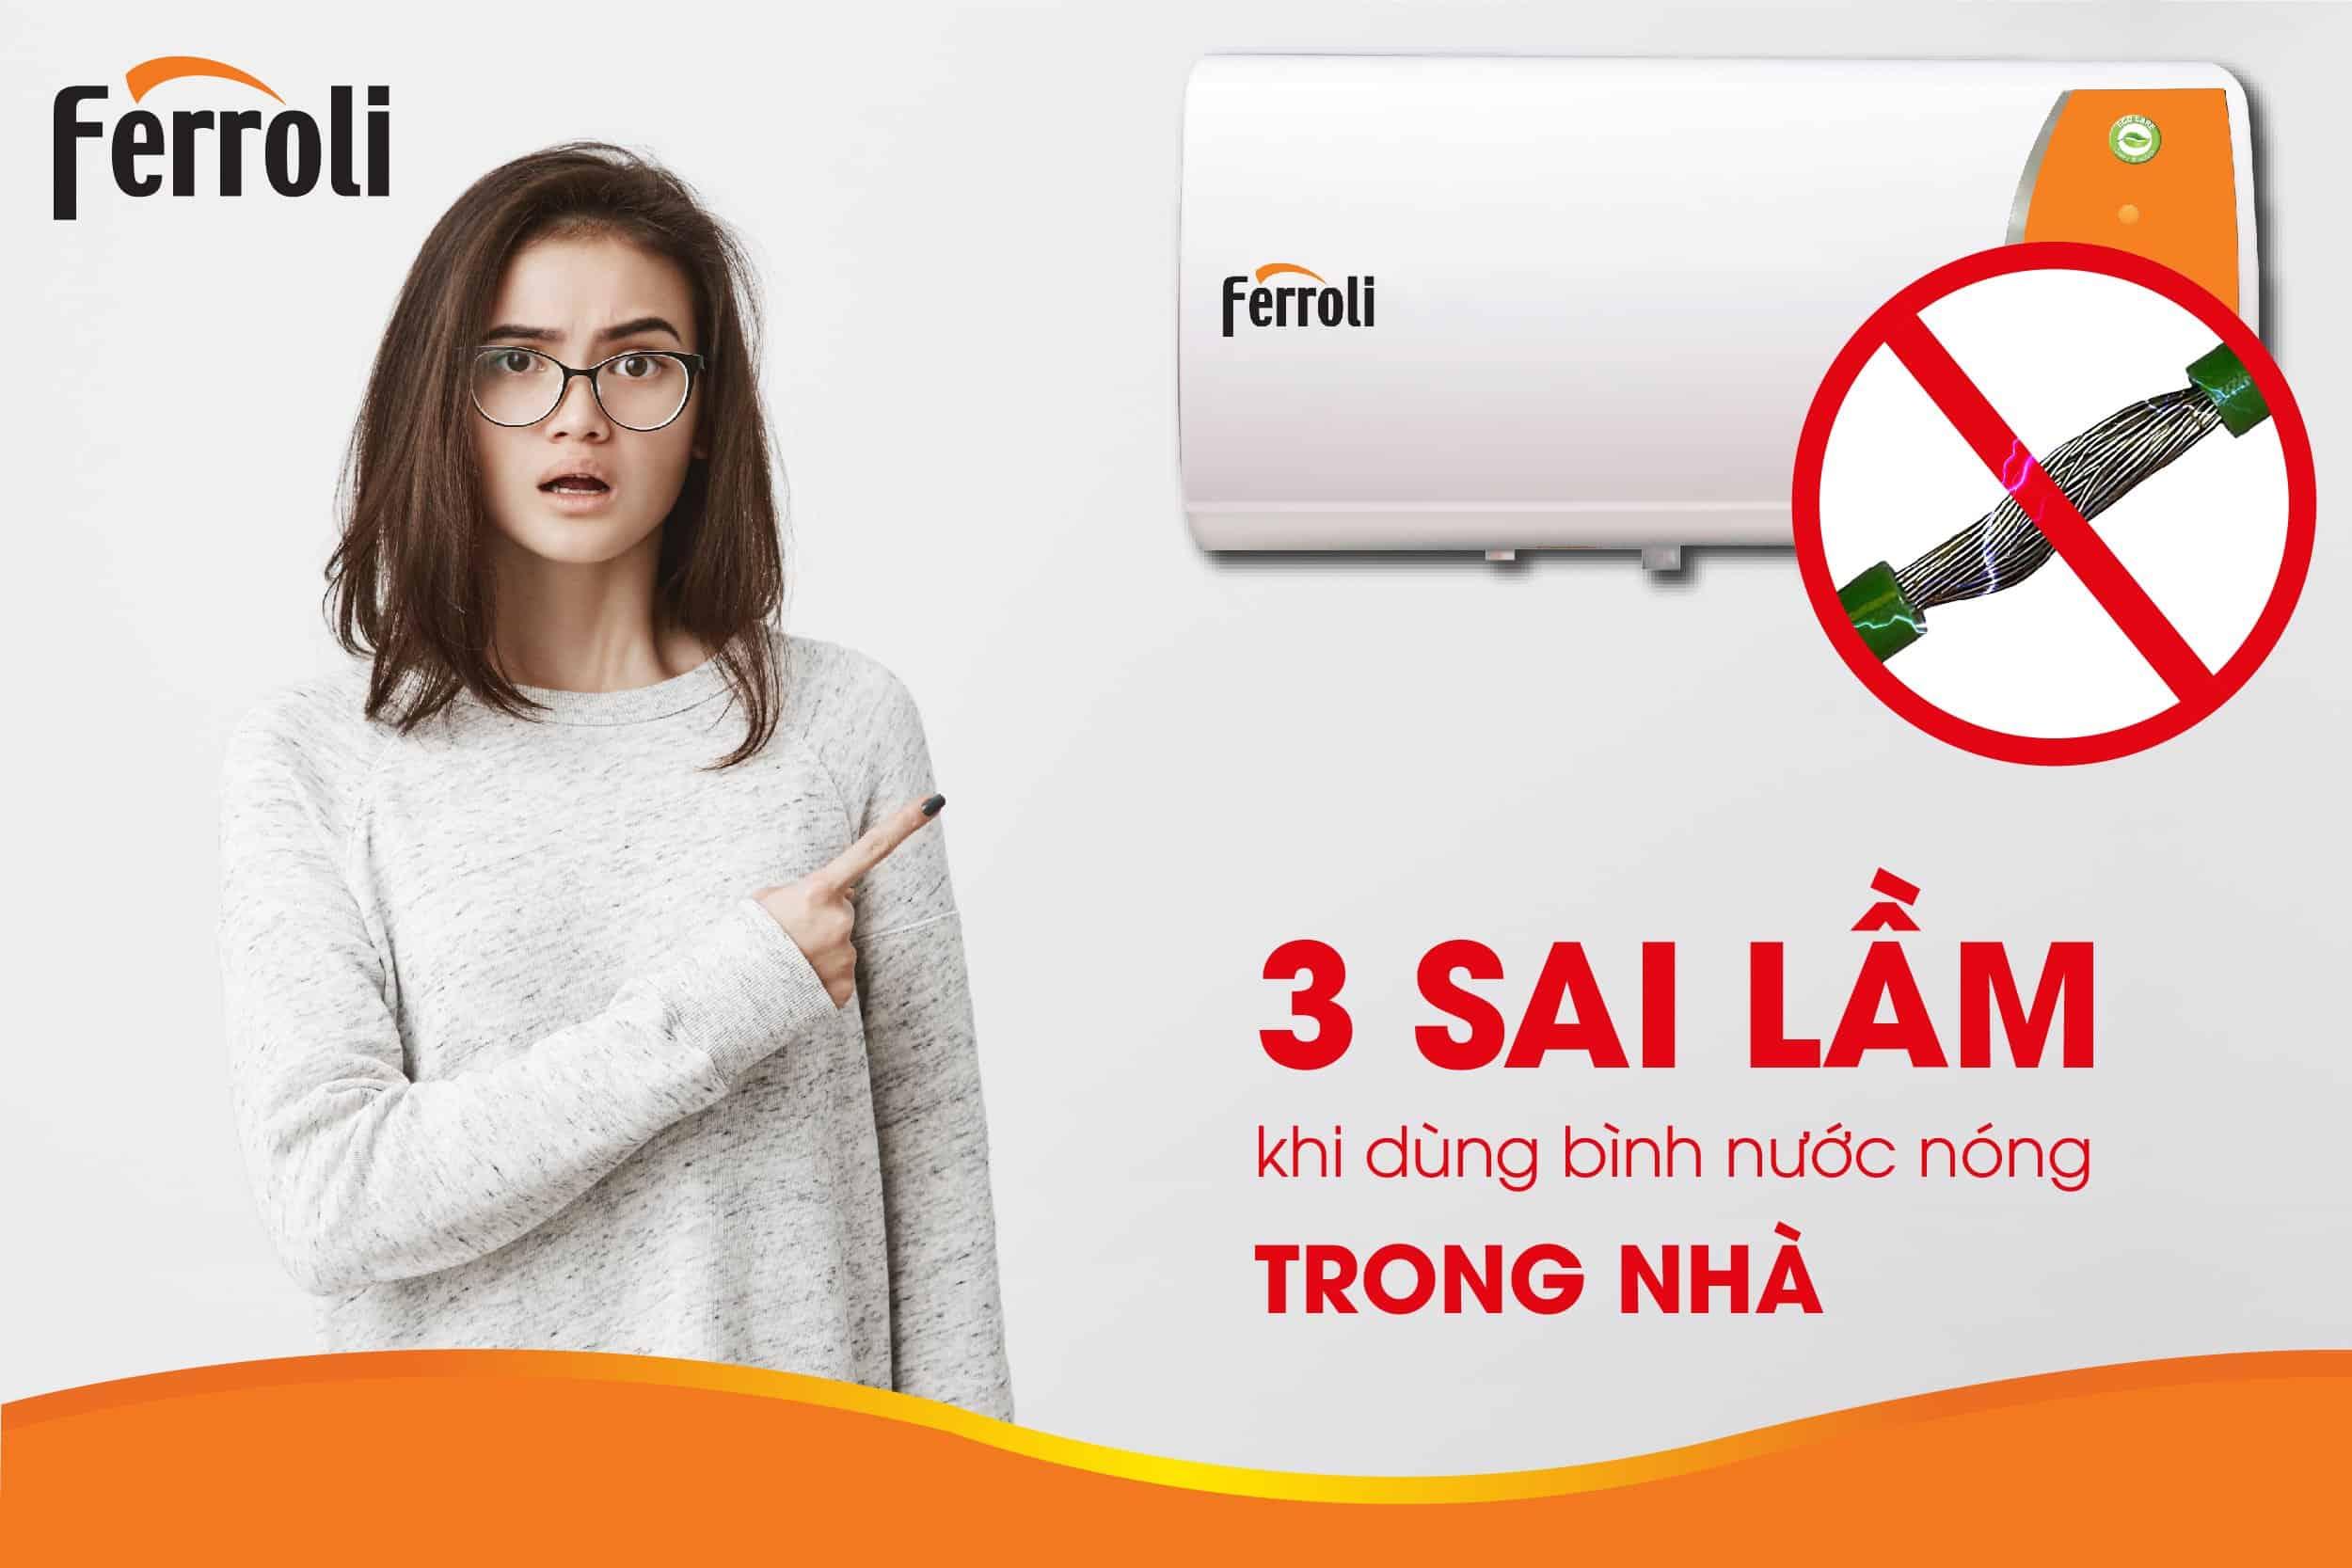 3 sai lầm khi dùng bình nước nóng trong nhà mà ai cũng dễ mắc phải